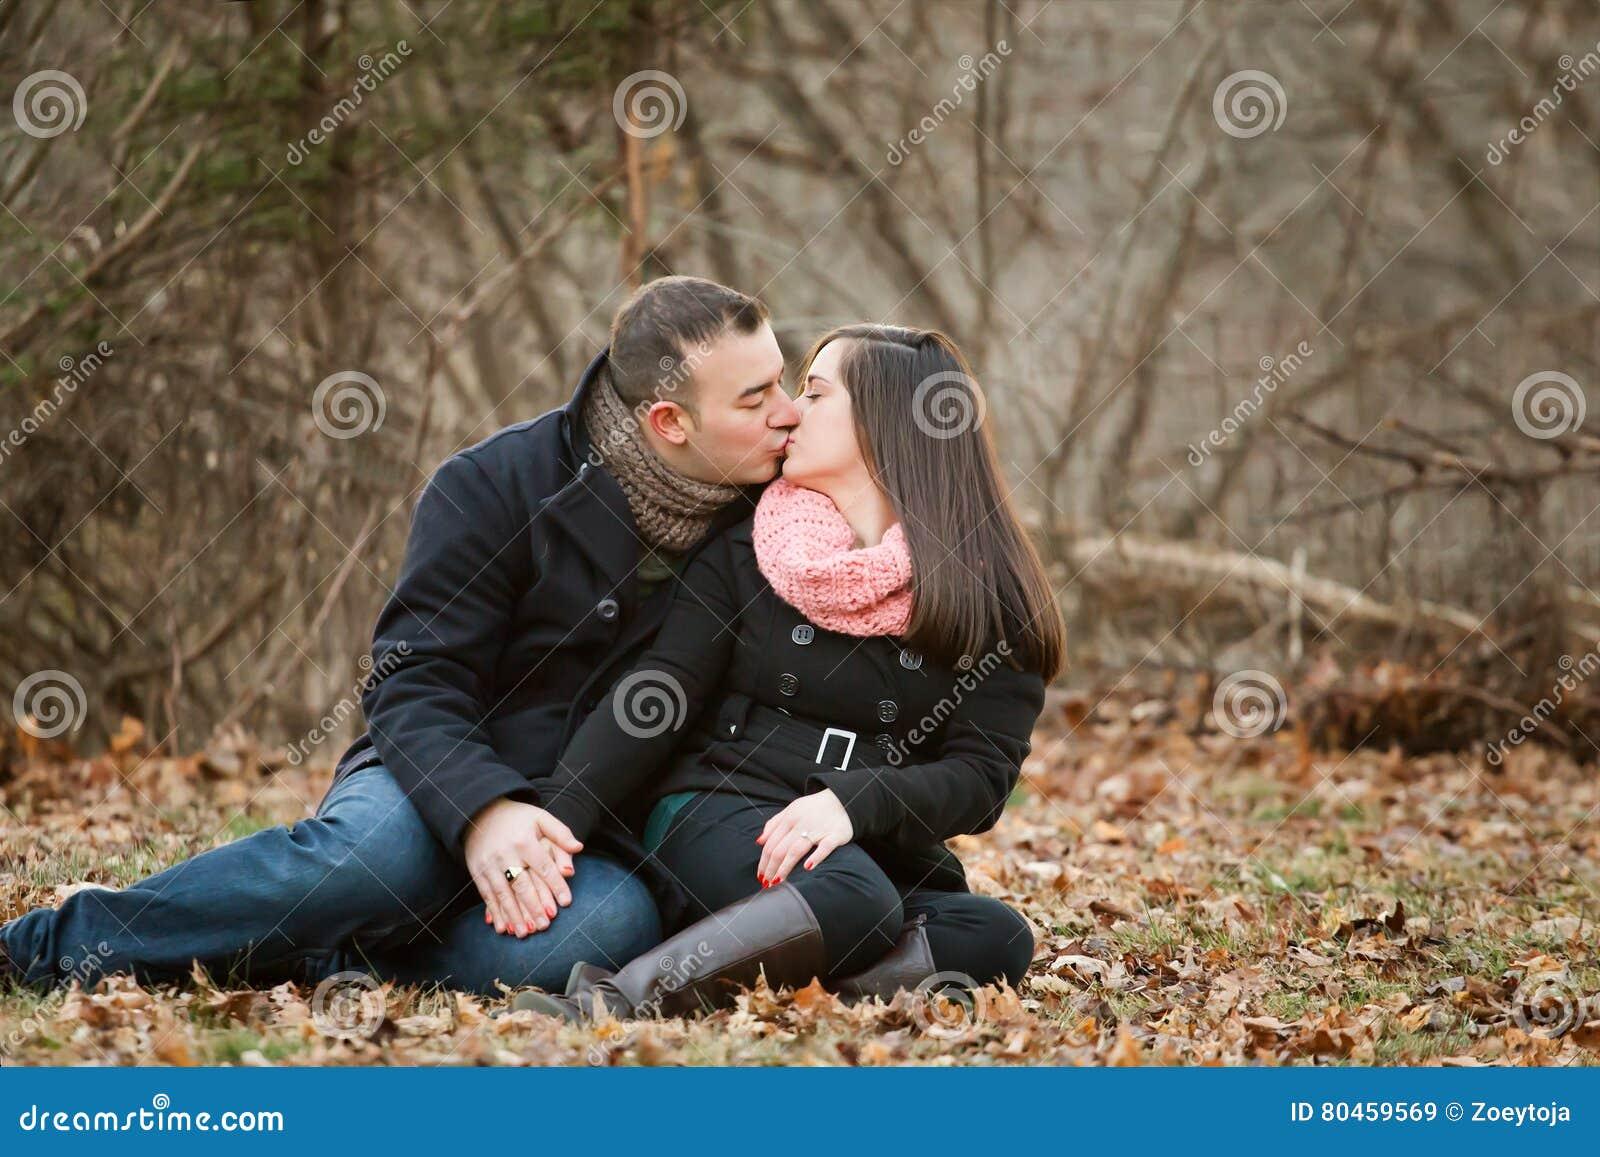 Image d un couple s embrassant